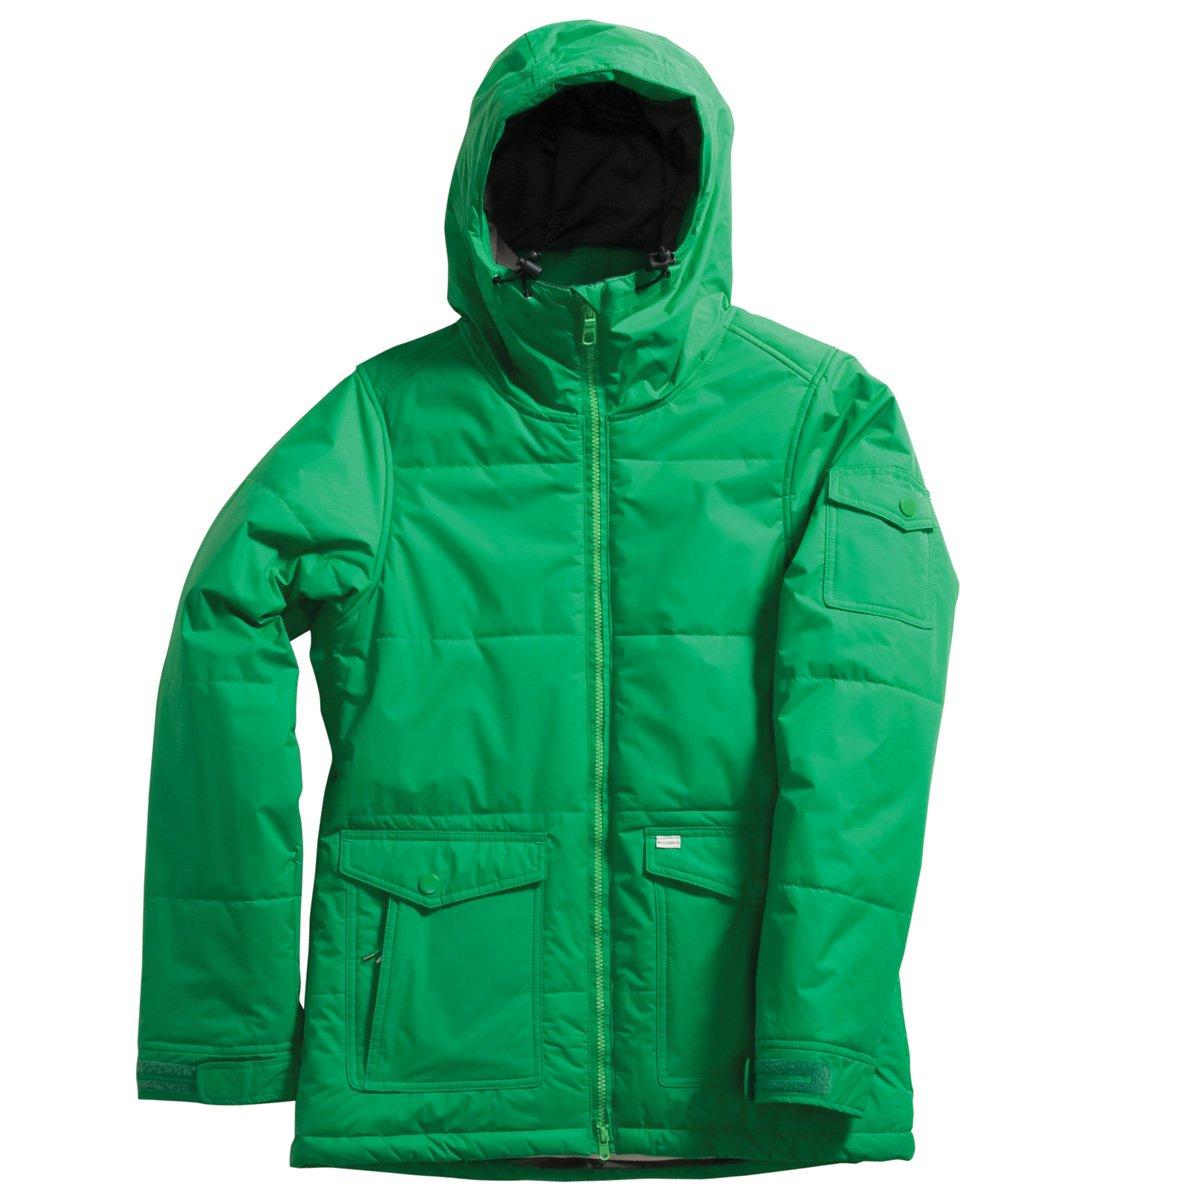 Damen Snowboard Jacke Holden Ella Insulated Jacket Women jetzt kaufen